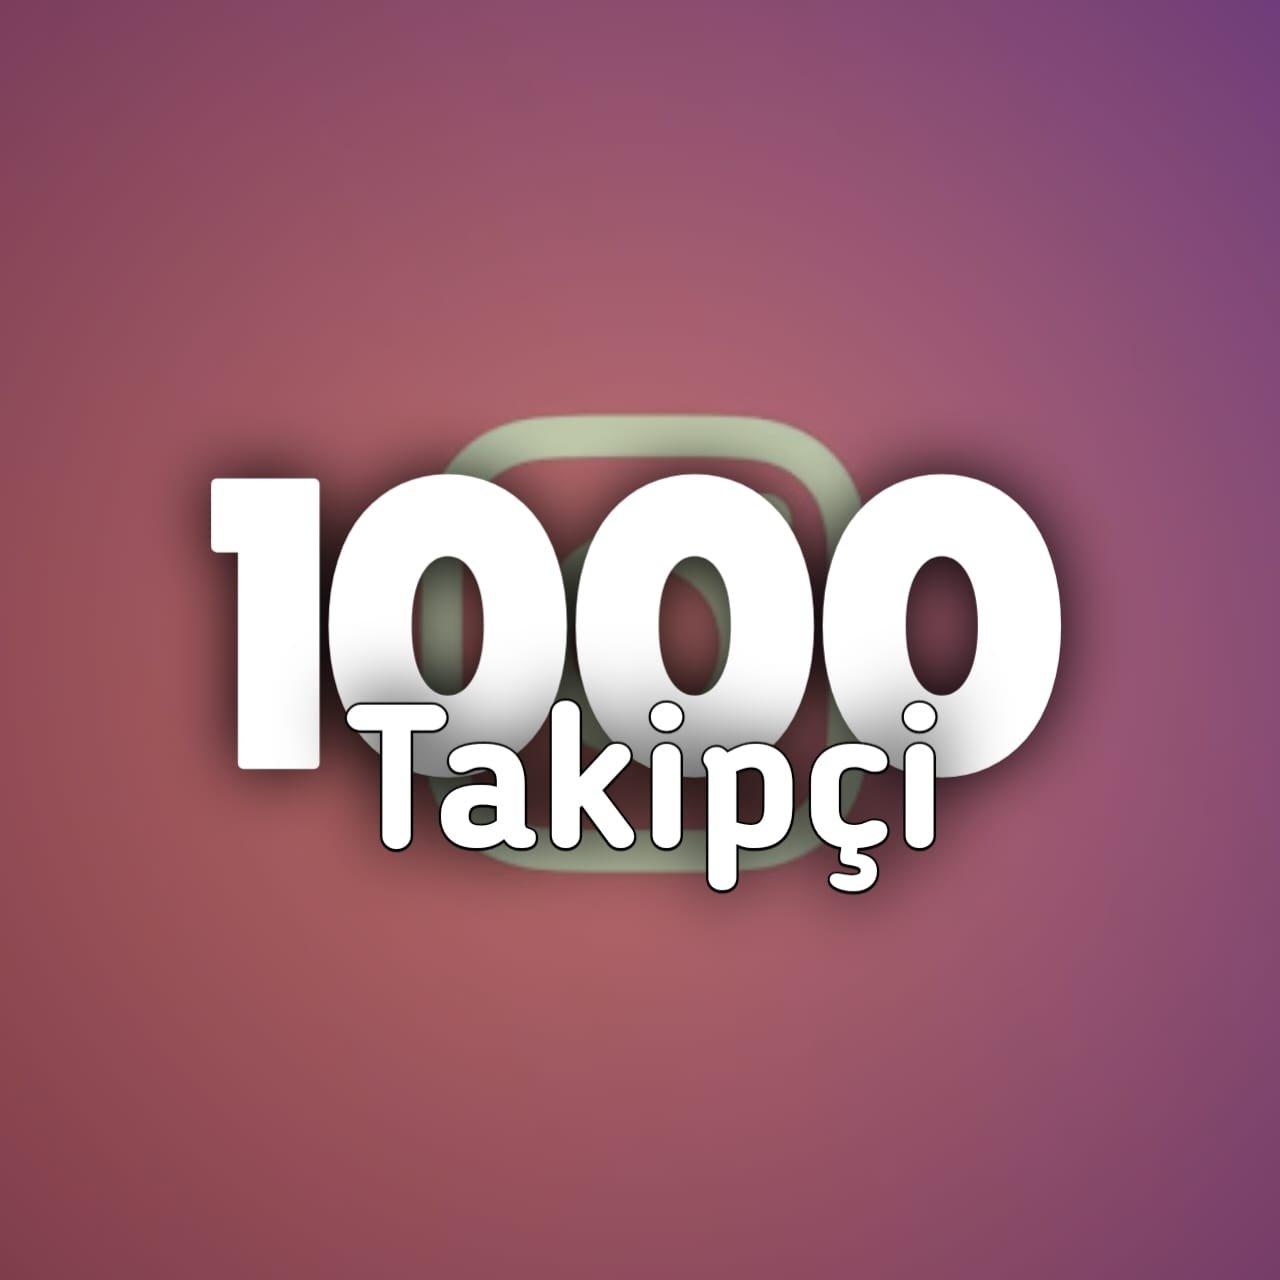 İnstagram %70 Türk Gerçek Takipçi 1K